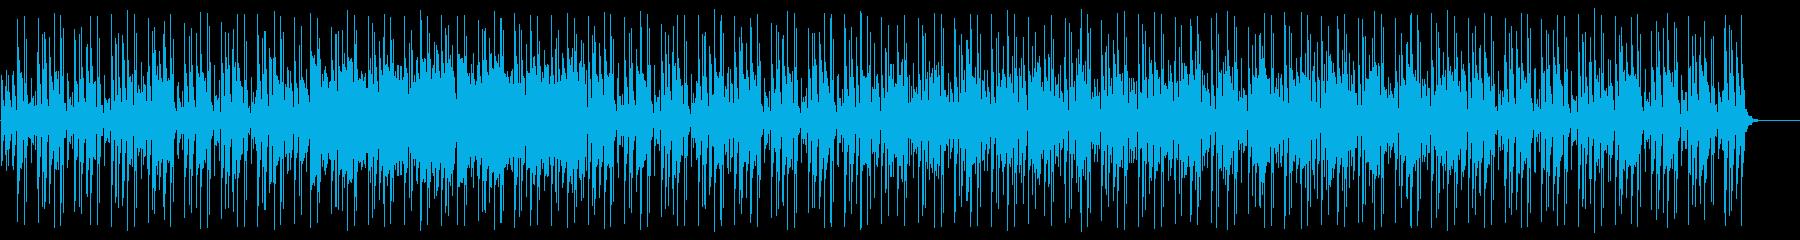 夏らしくトロピカルで楽しい南国曲の再生済みの波形